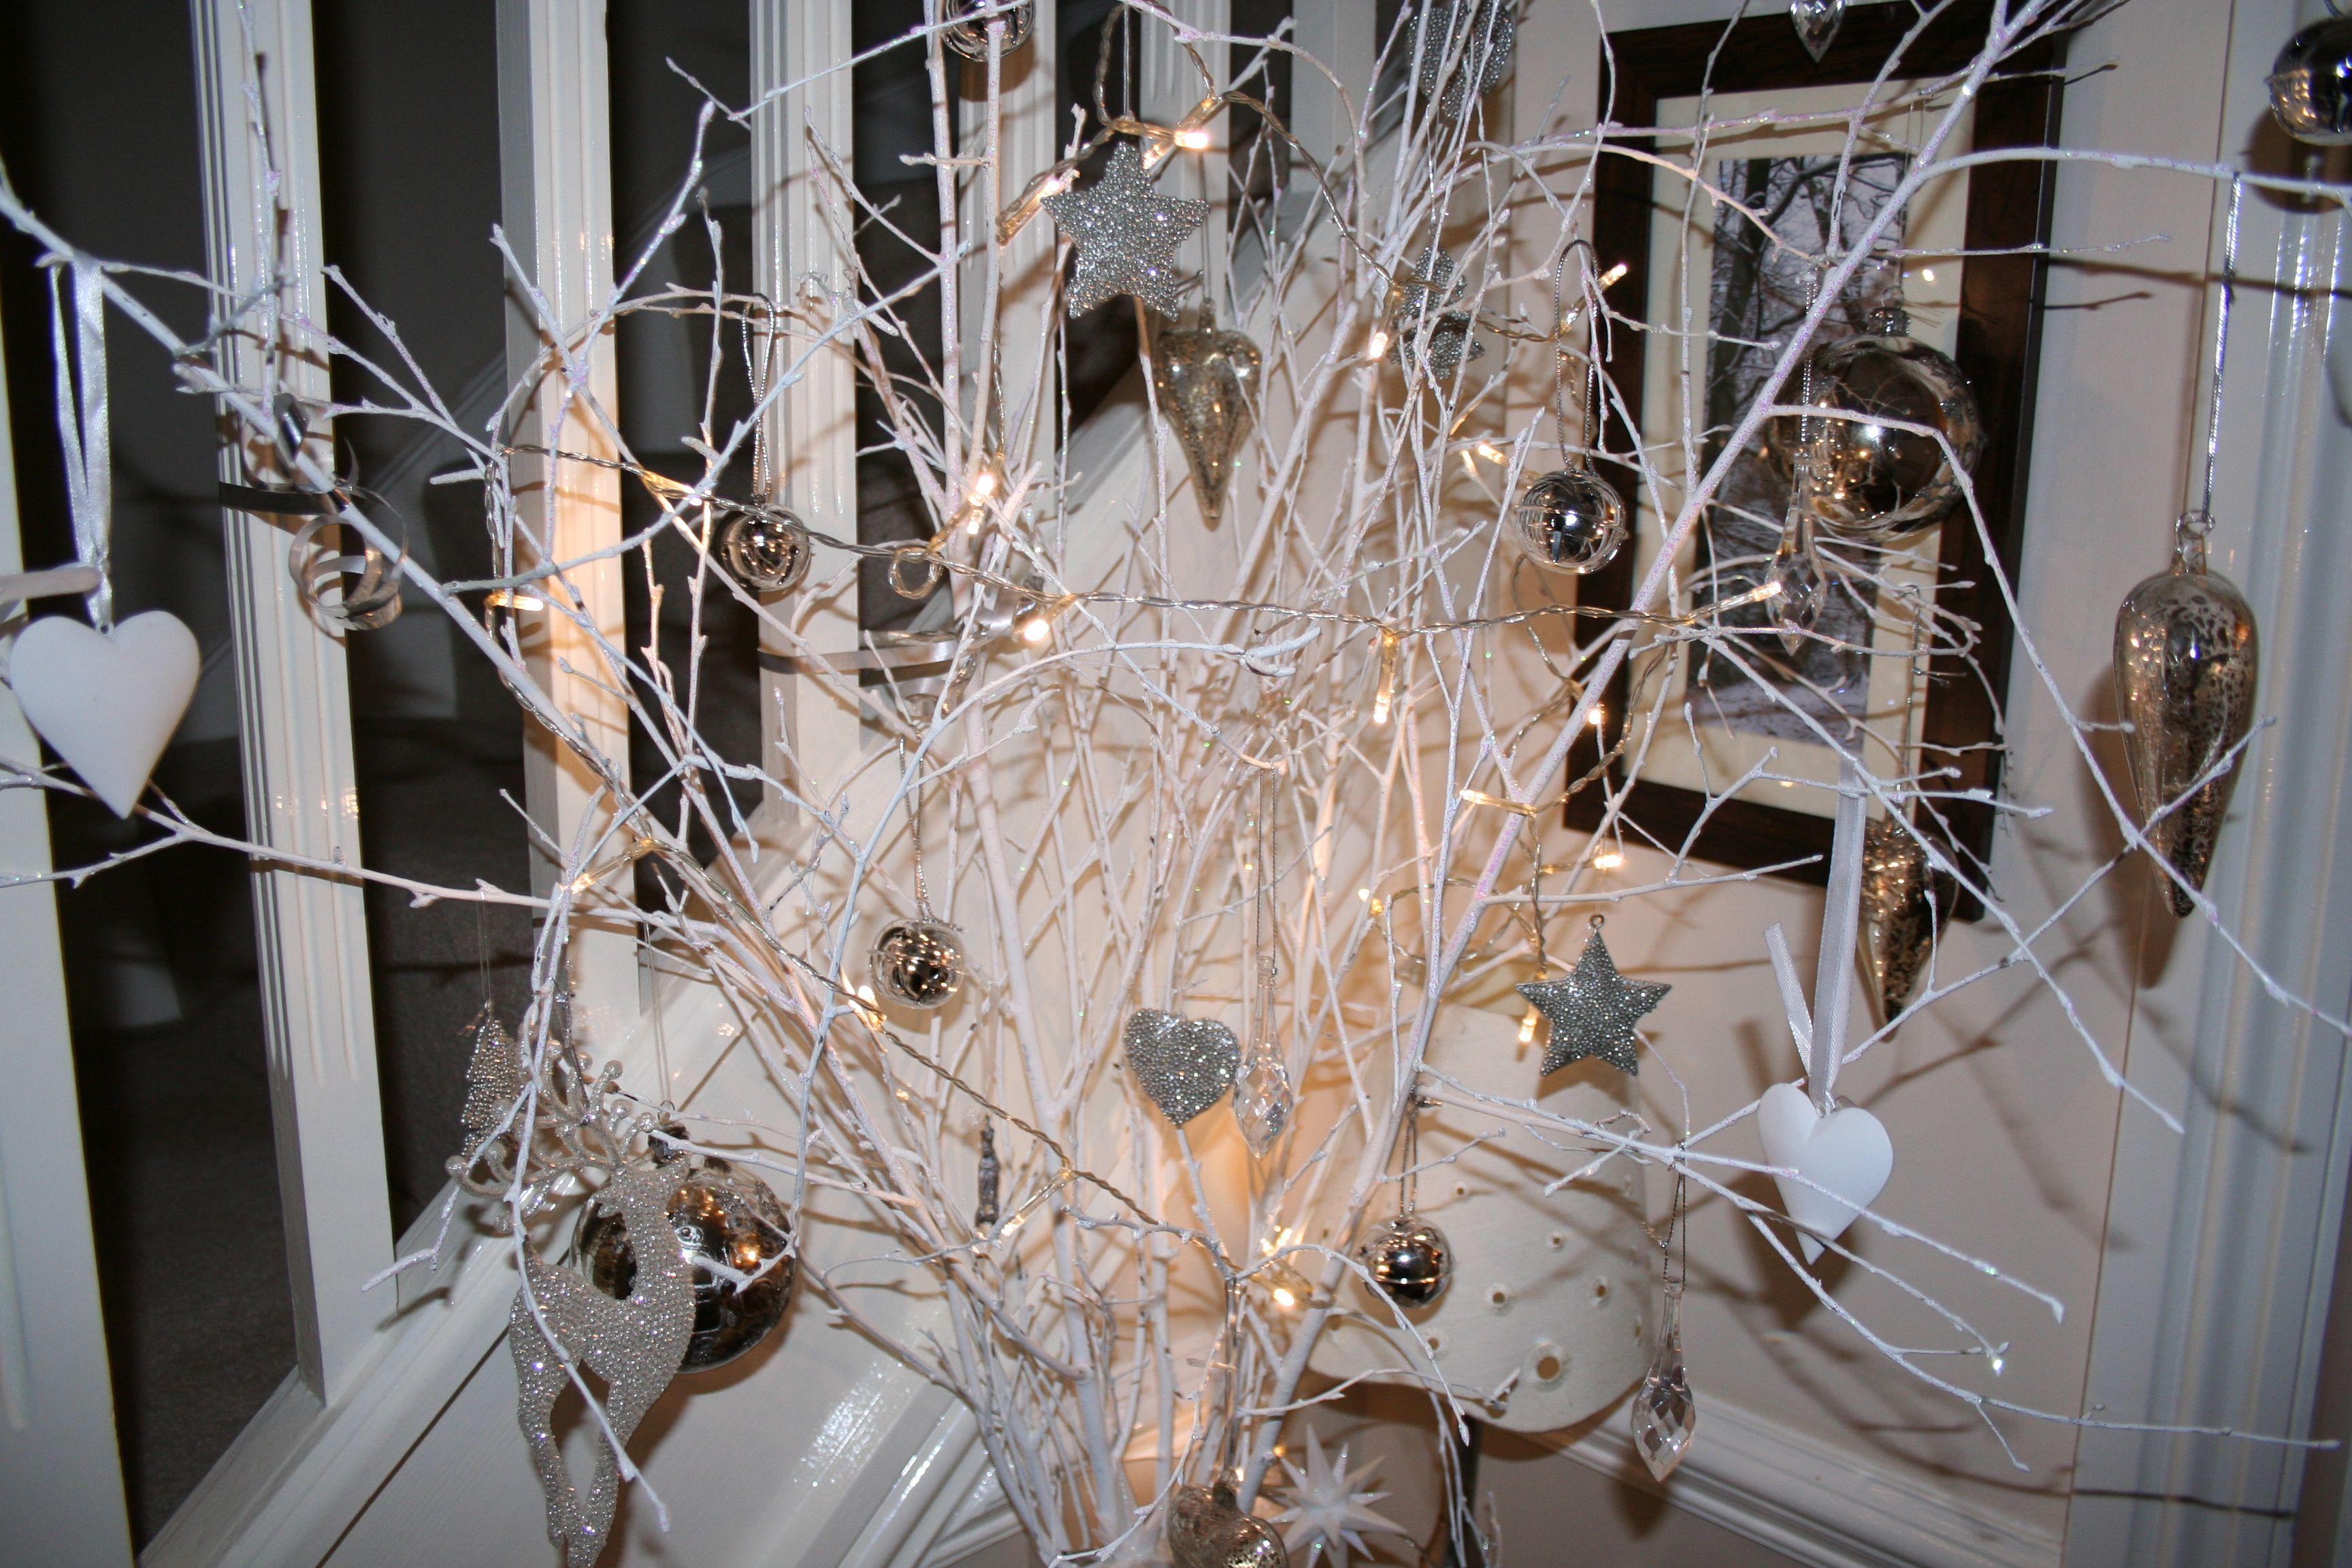 My entrance hall Christmas display